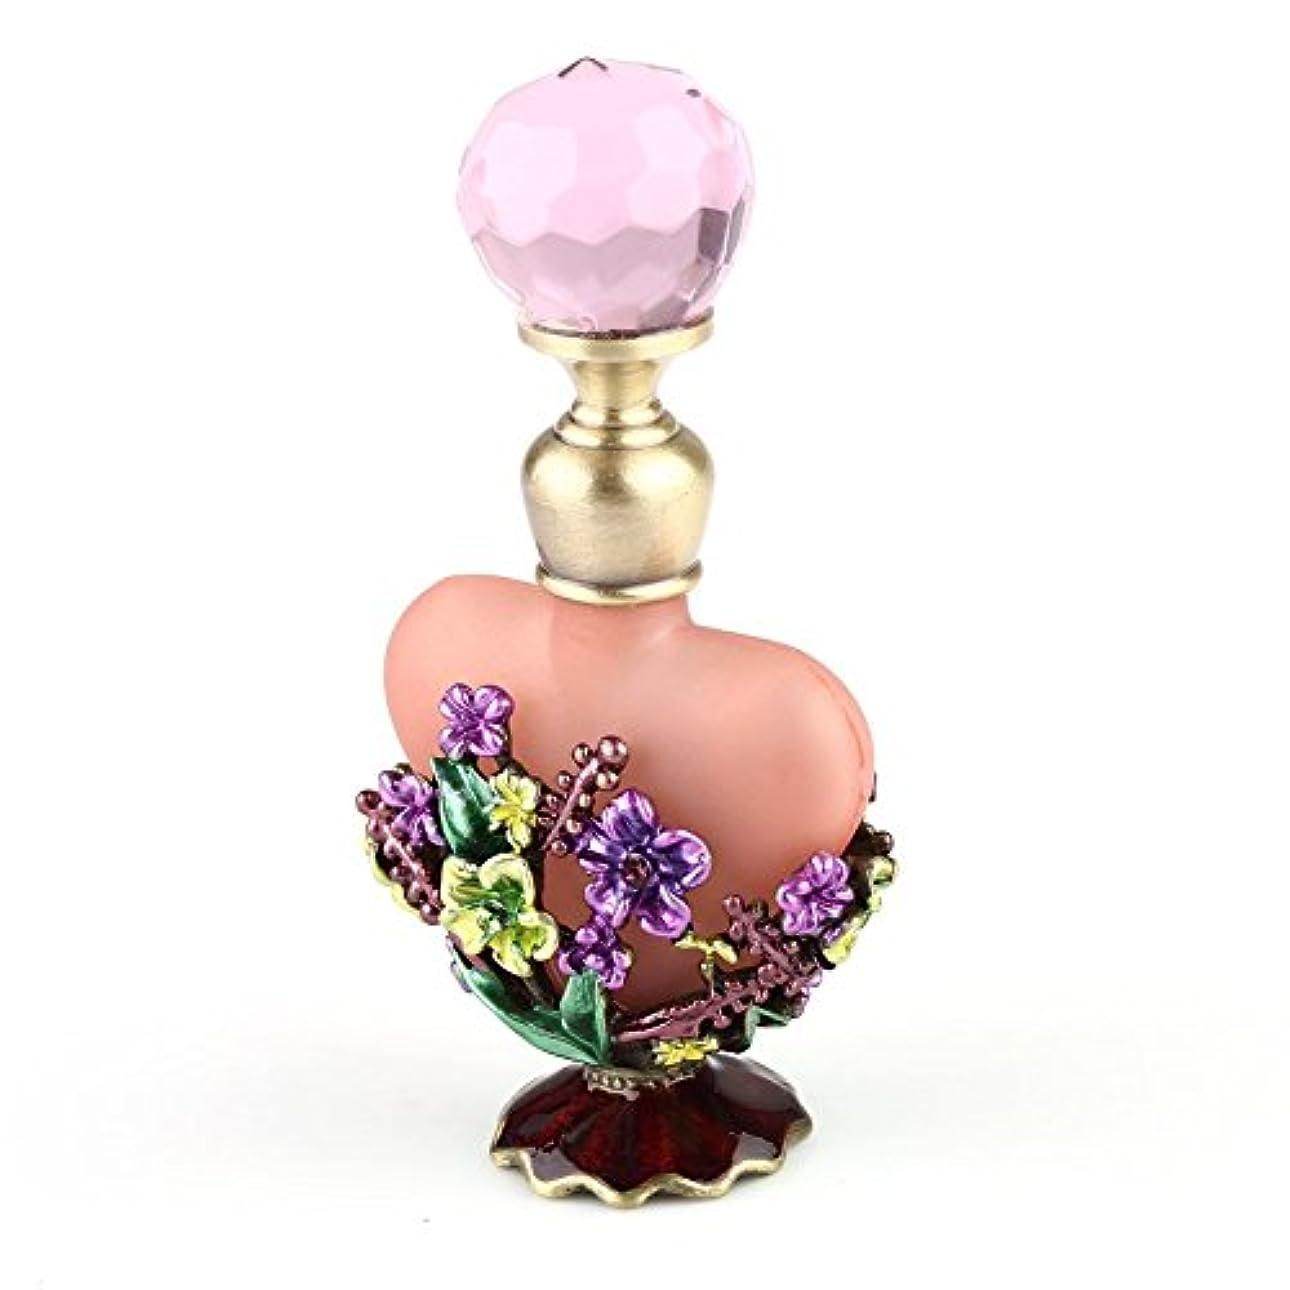 池ポスター曇ったVERY100 高品質 美しい香水瓶/アロマボトル 5ML ピンク アロマオイル用瓶 綺麗アンティーク調フラワーデザイン プレゼント 結婚式 飾り